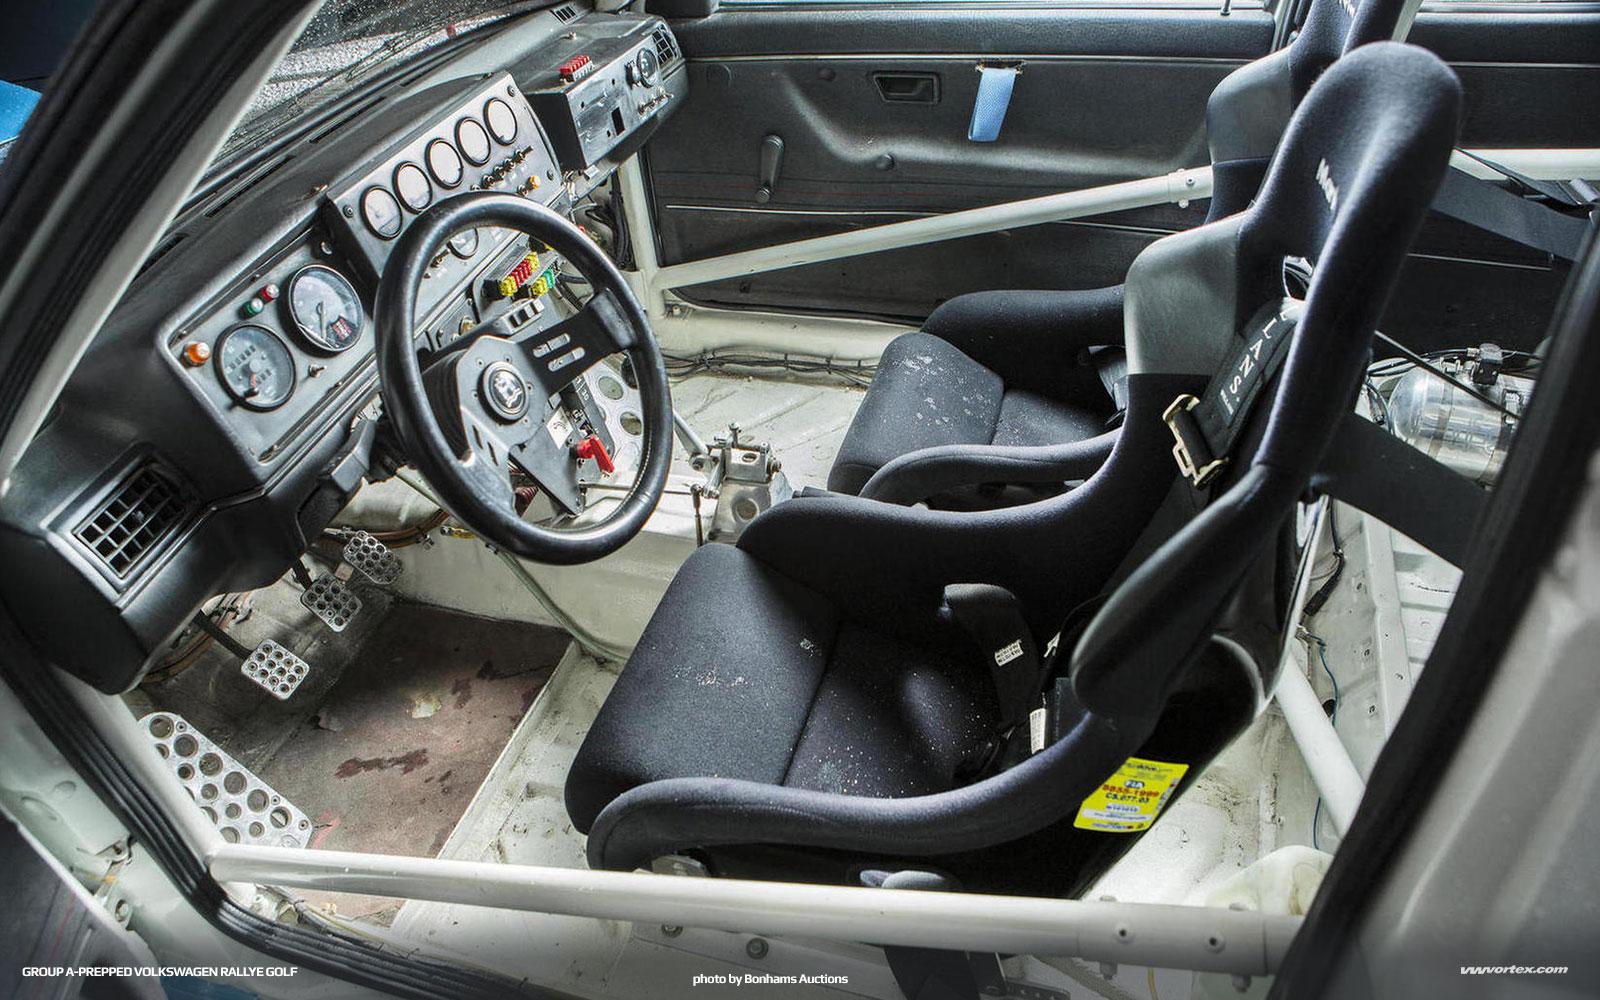 Volkswagen-Rallye-Golf-Group-A-6